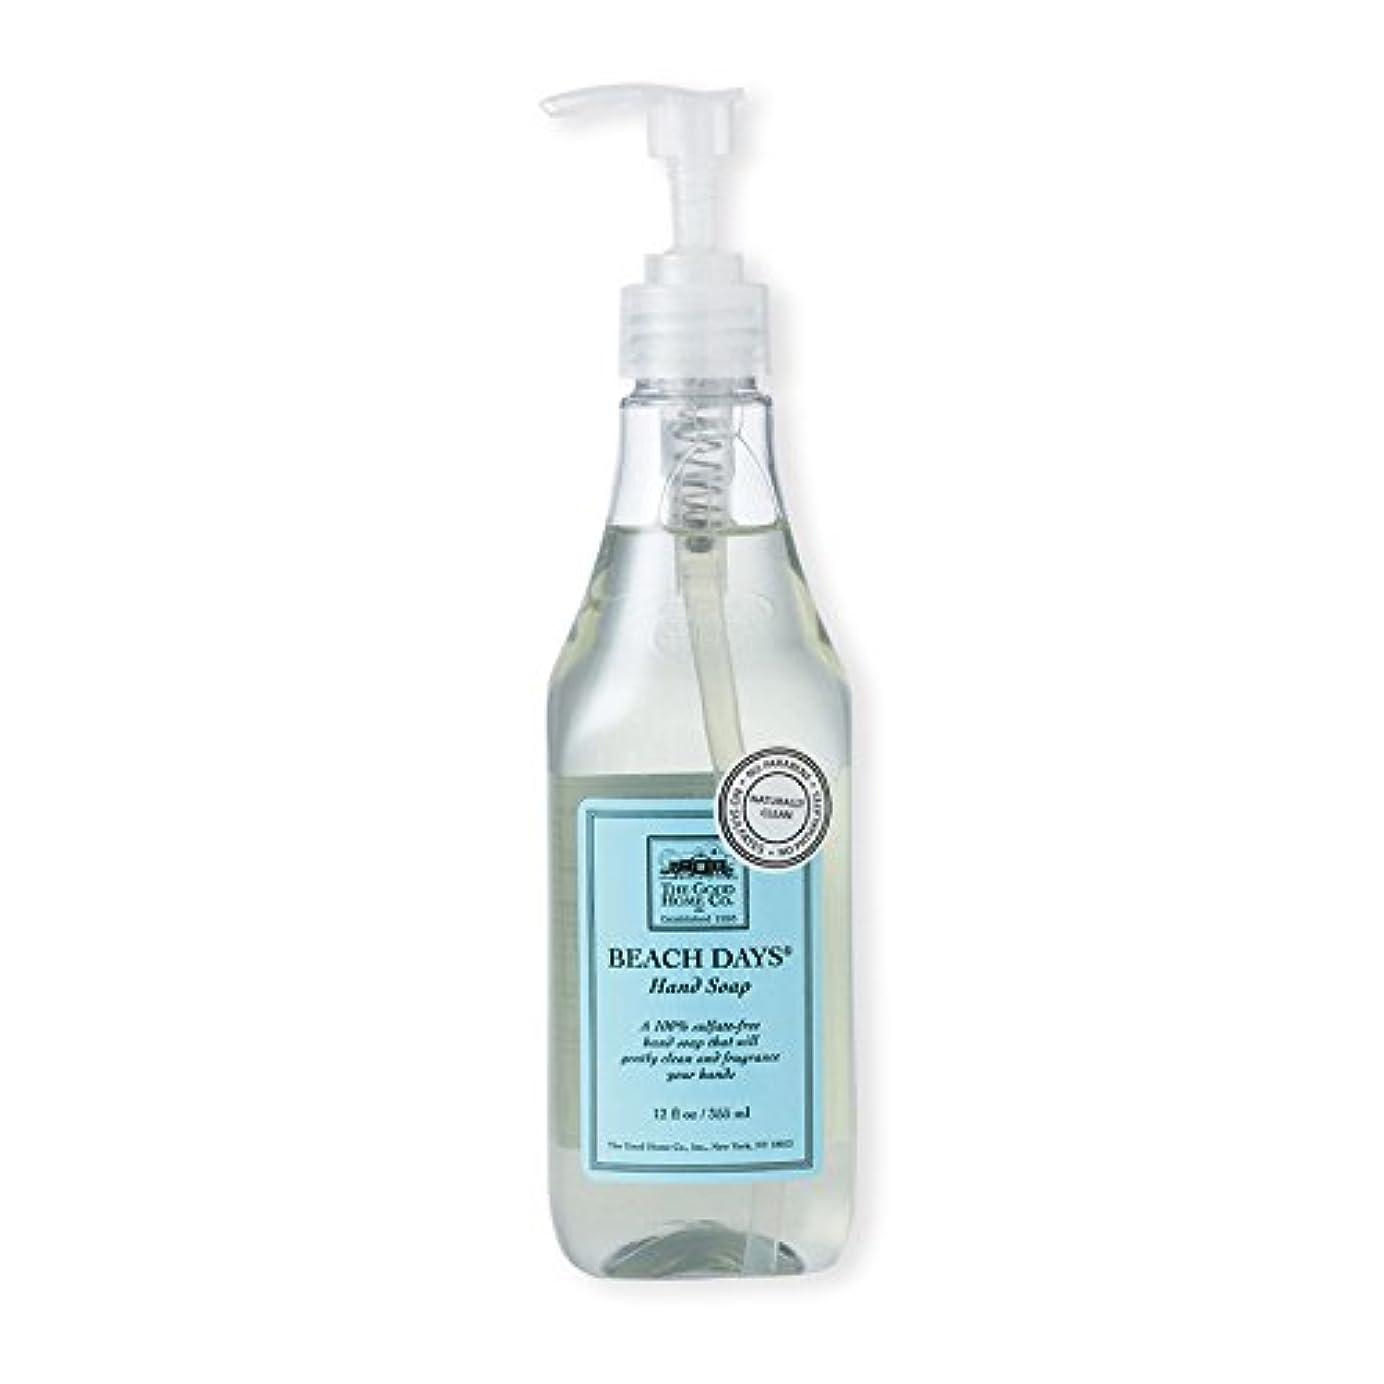 乗り出す寸前協定ザ グッドホーム カンパニー HAND SOAP ハンドソープ 石鹸 せっけん ギフト 355ml レディーズ (並行輸入品)